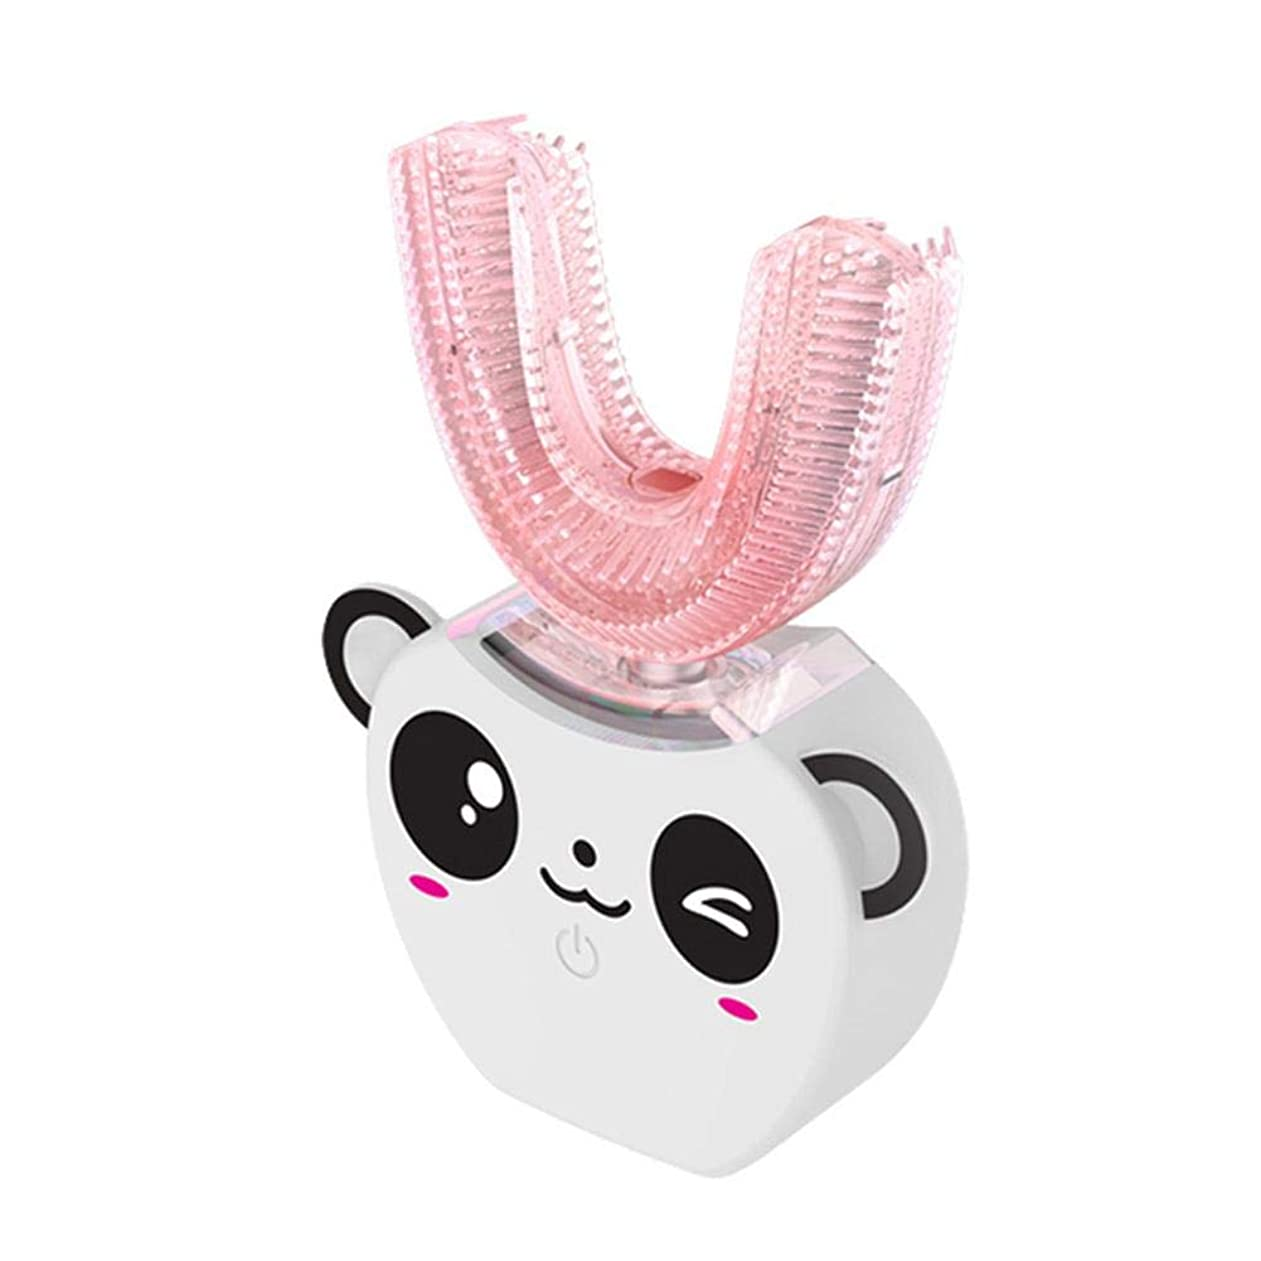 租界アラビア語絶対の電動歯ブラシ U型 360°全方位 自動歯ブラシ 柔らかいシリコーンブラシヘッド 超音波 怠け者歯ブラシ ワイヤレス充電 より深い清掃 虫歯予防 かわいいデザイン 子供用